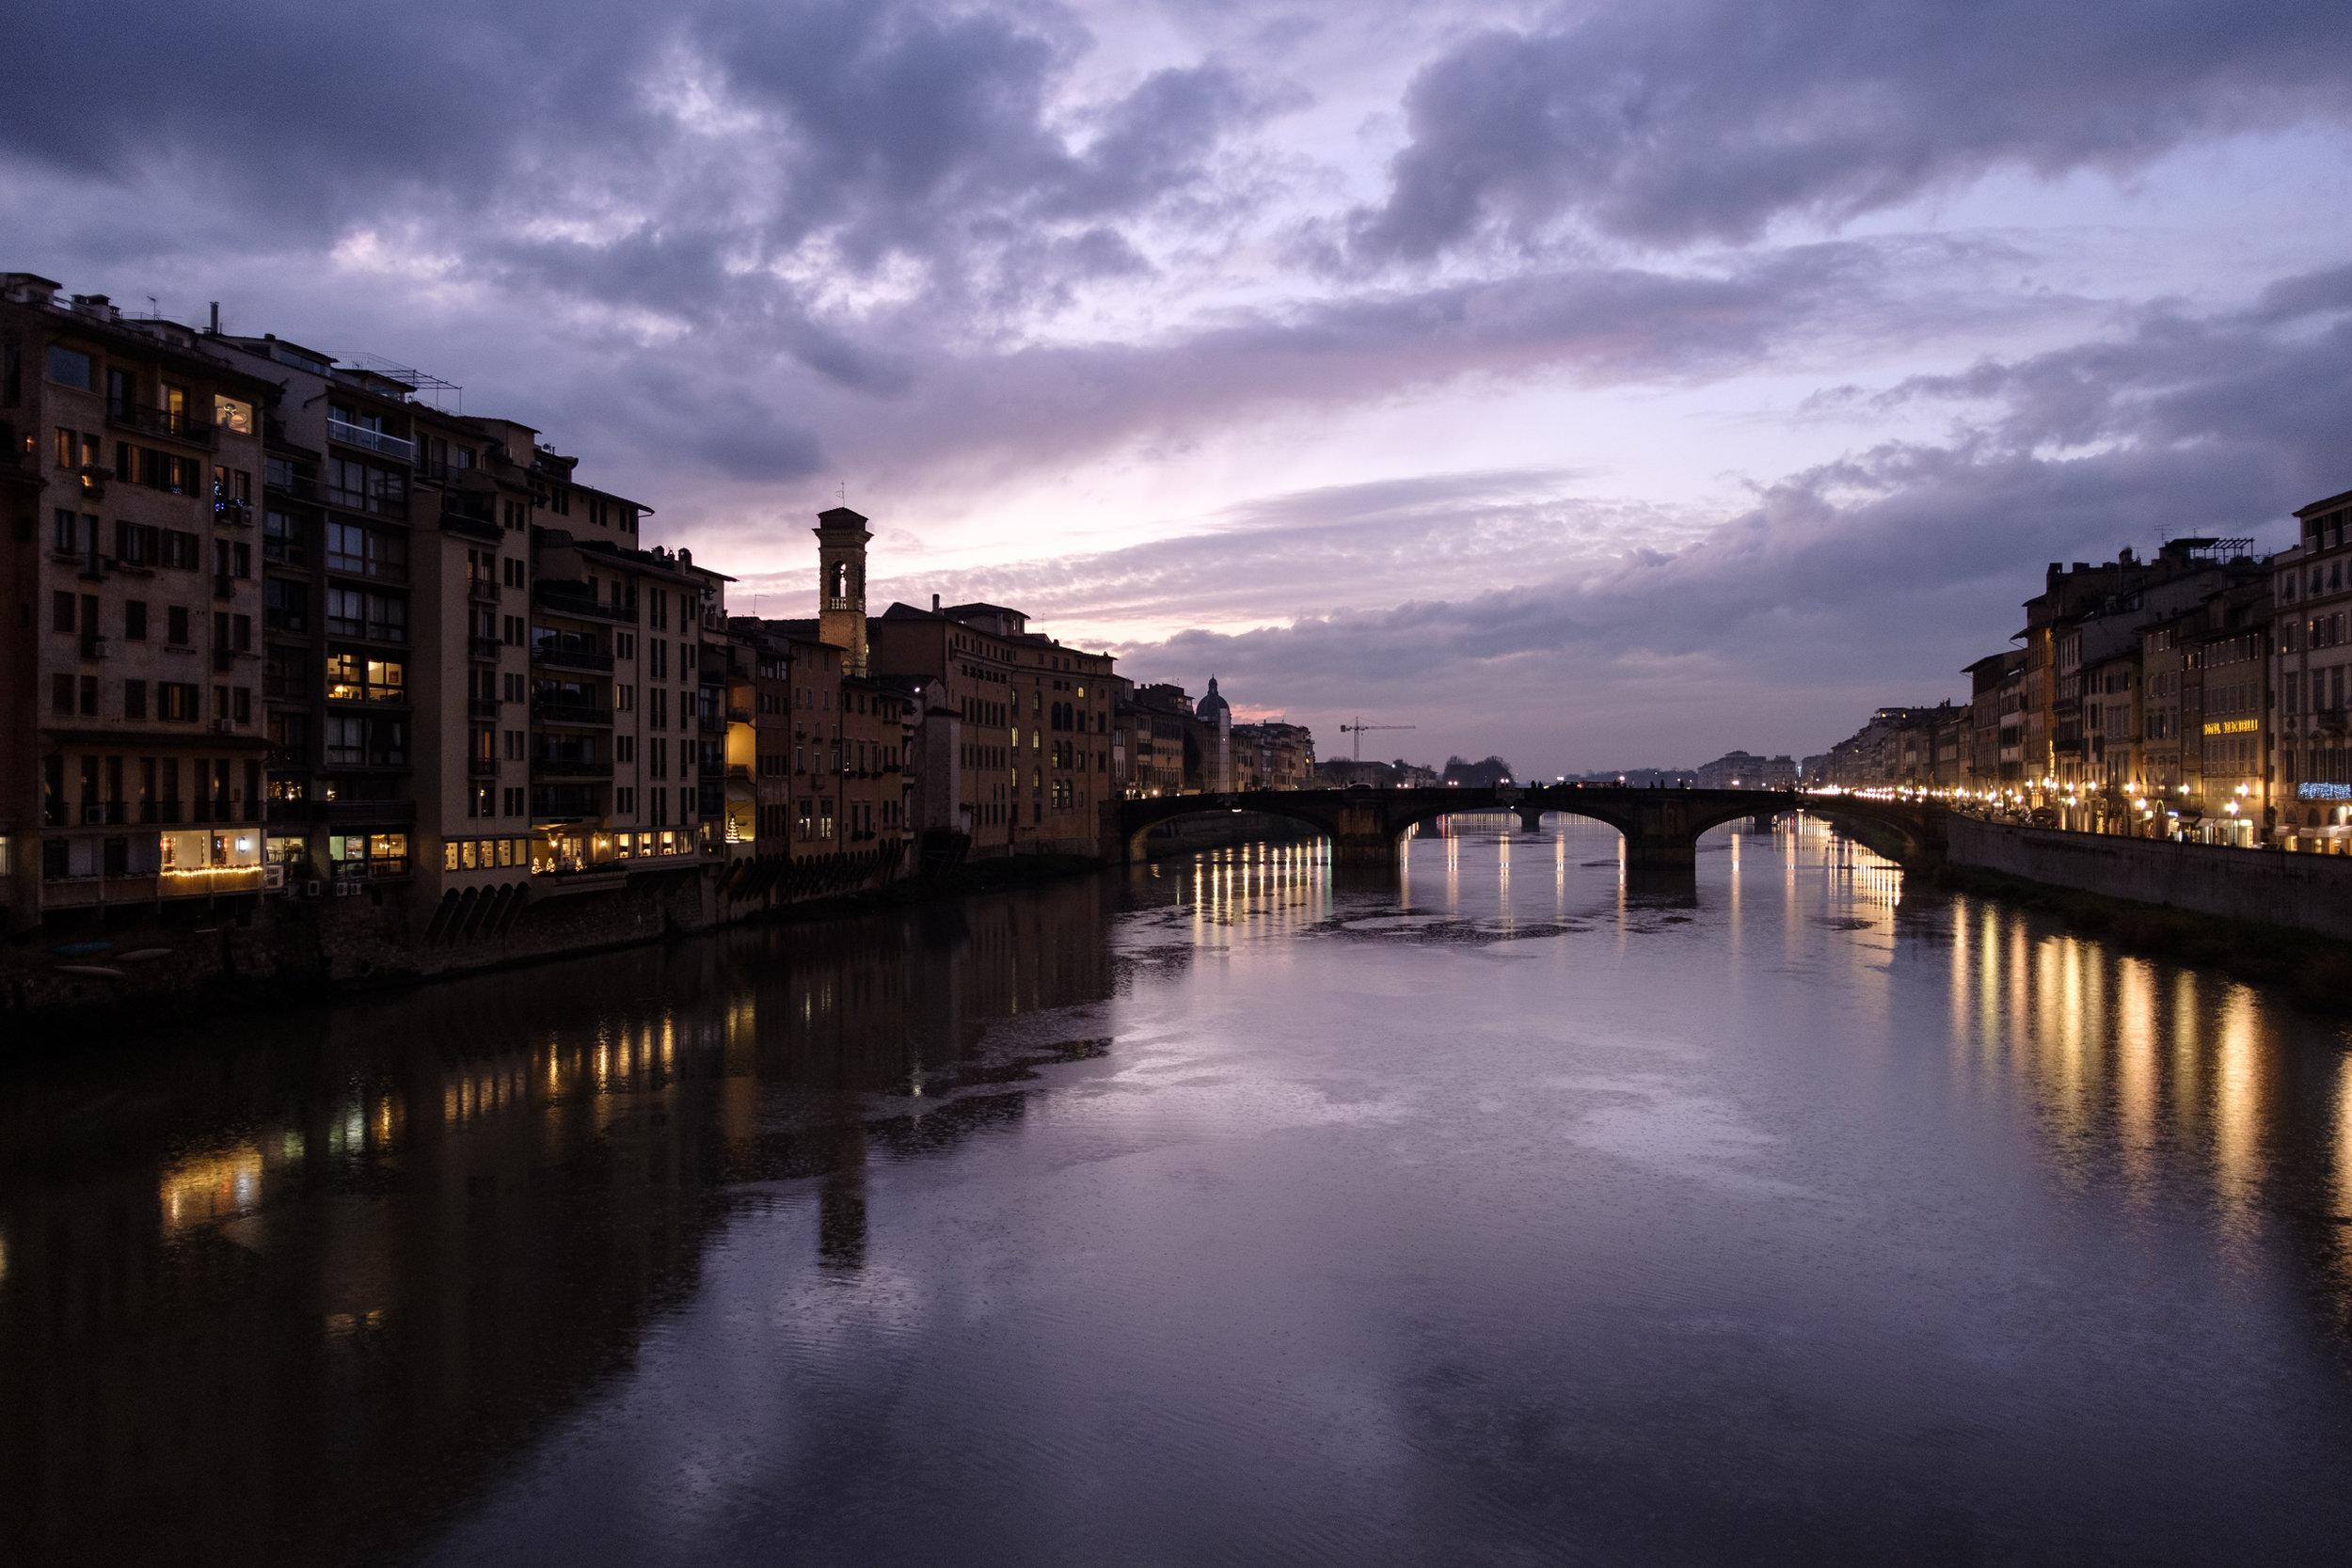 evening.camera-591.jpg